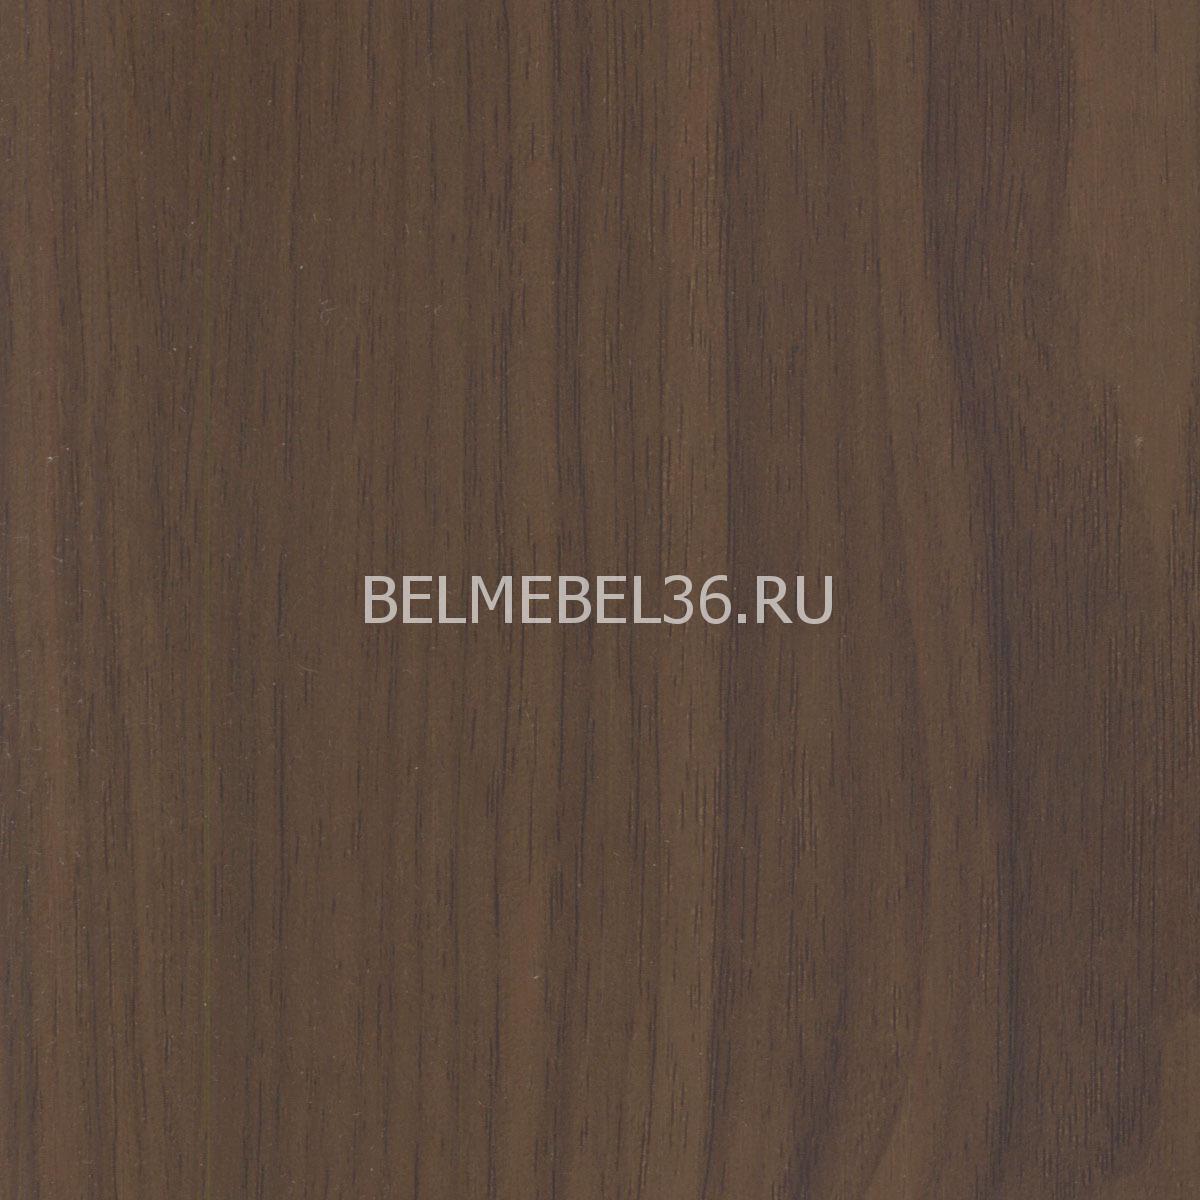 Диван «Афина» (угловой) | Белорусская мебель в Воронеже